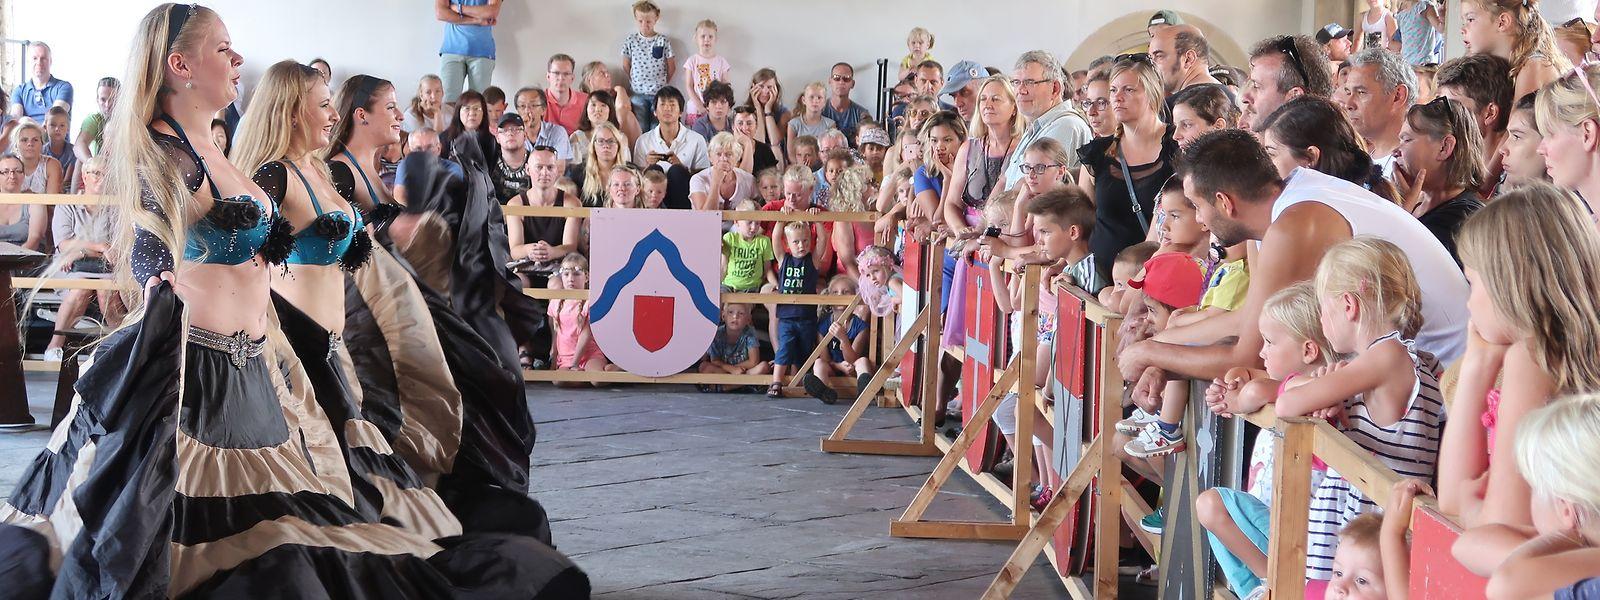 Orientalische Tänze gehören zum festen Programm beim Mittelalterfest auf Schloss Vianden.